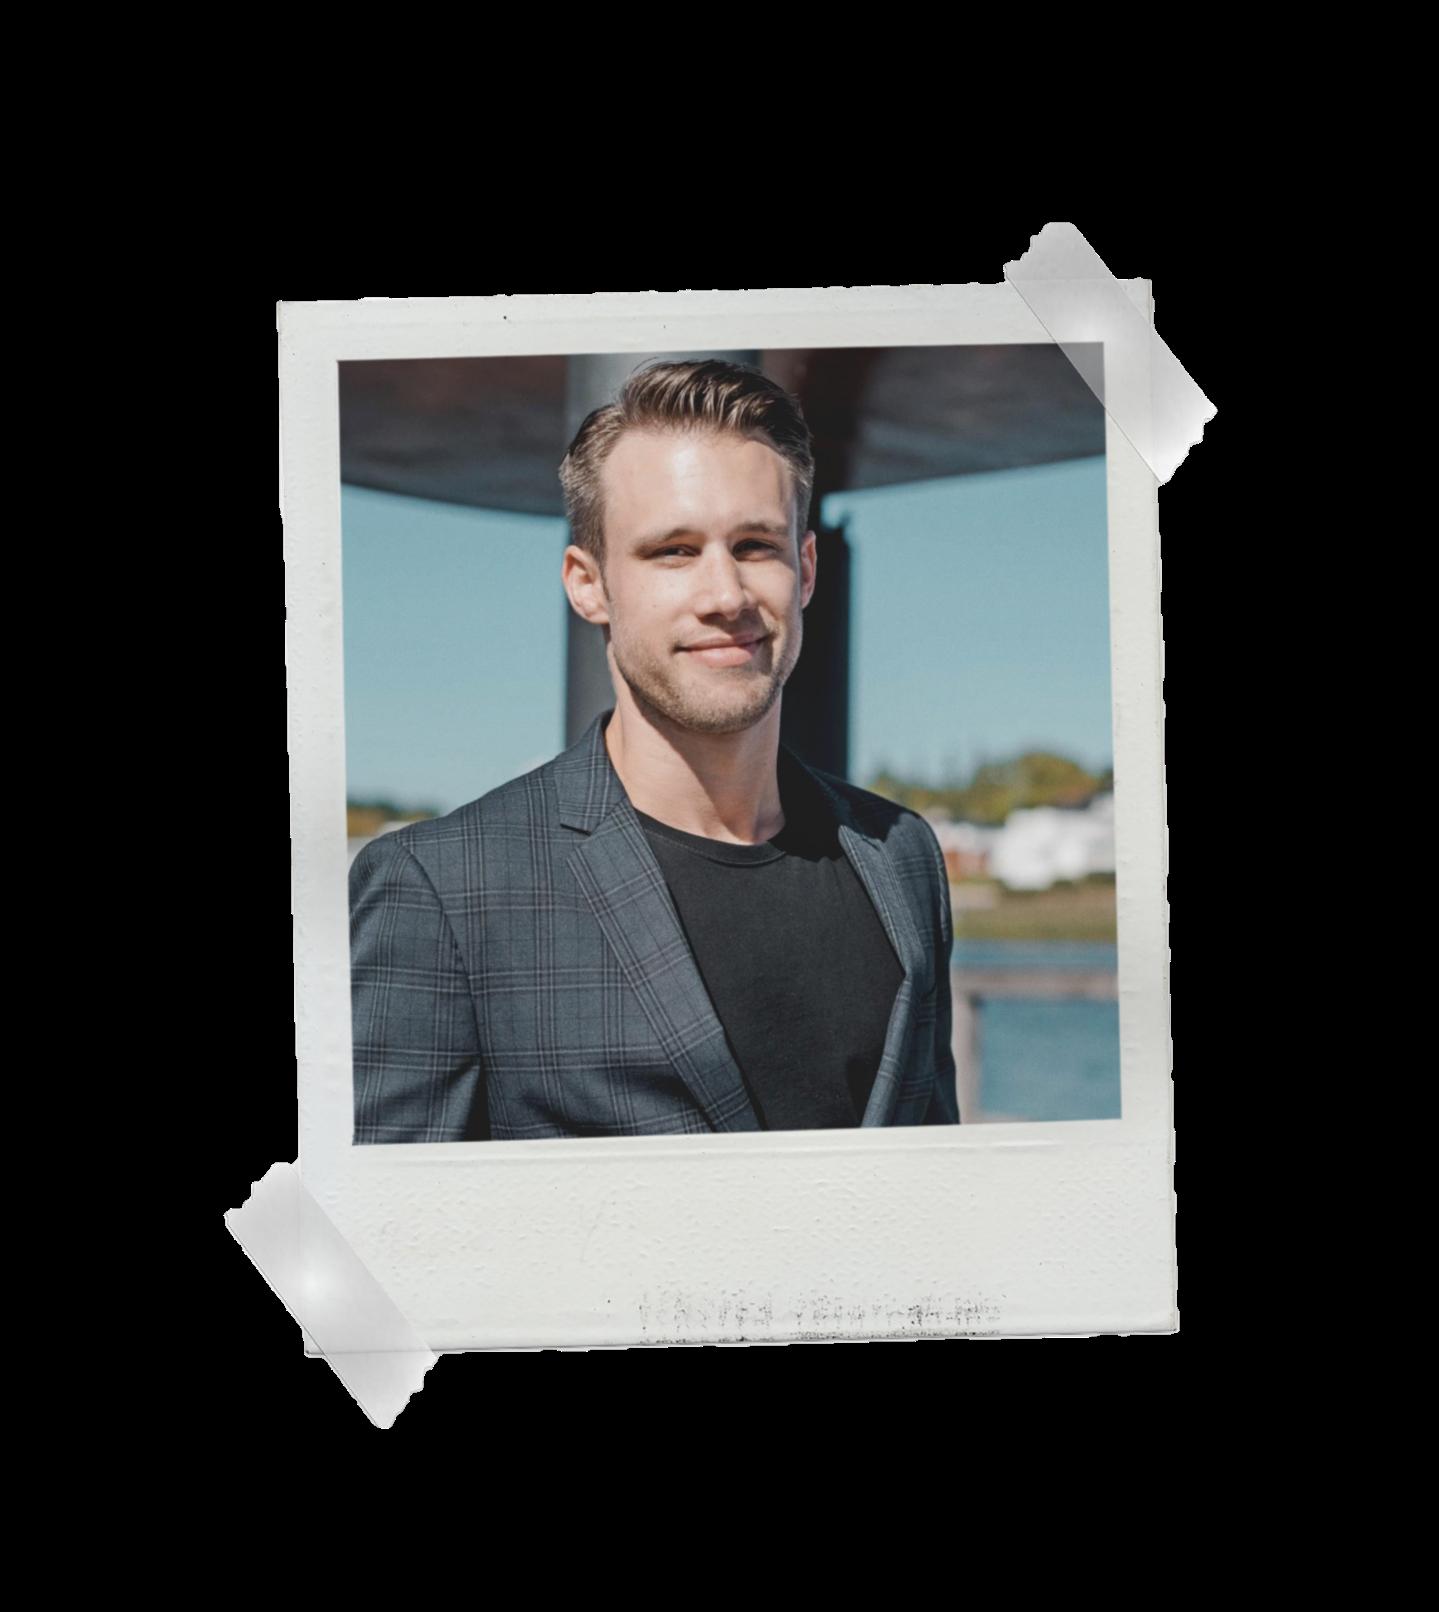 Florian Hoppe, der Inhaber von MOONDRIVE Digital. Lebt in Essen.